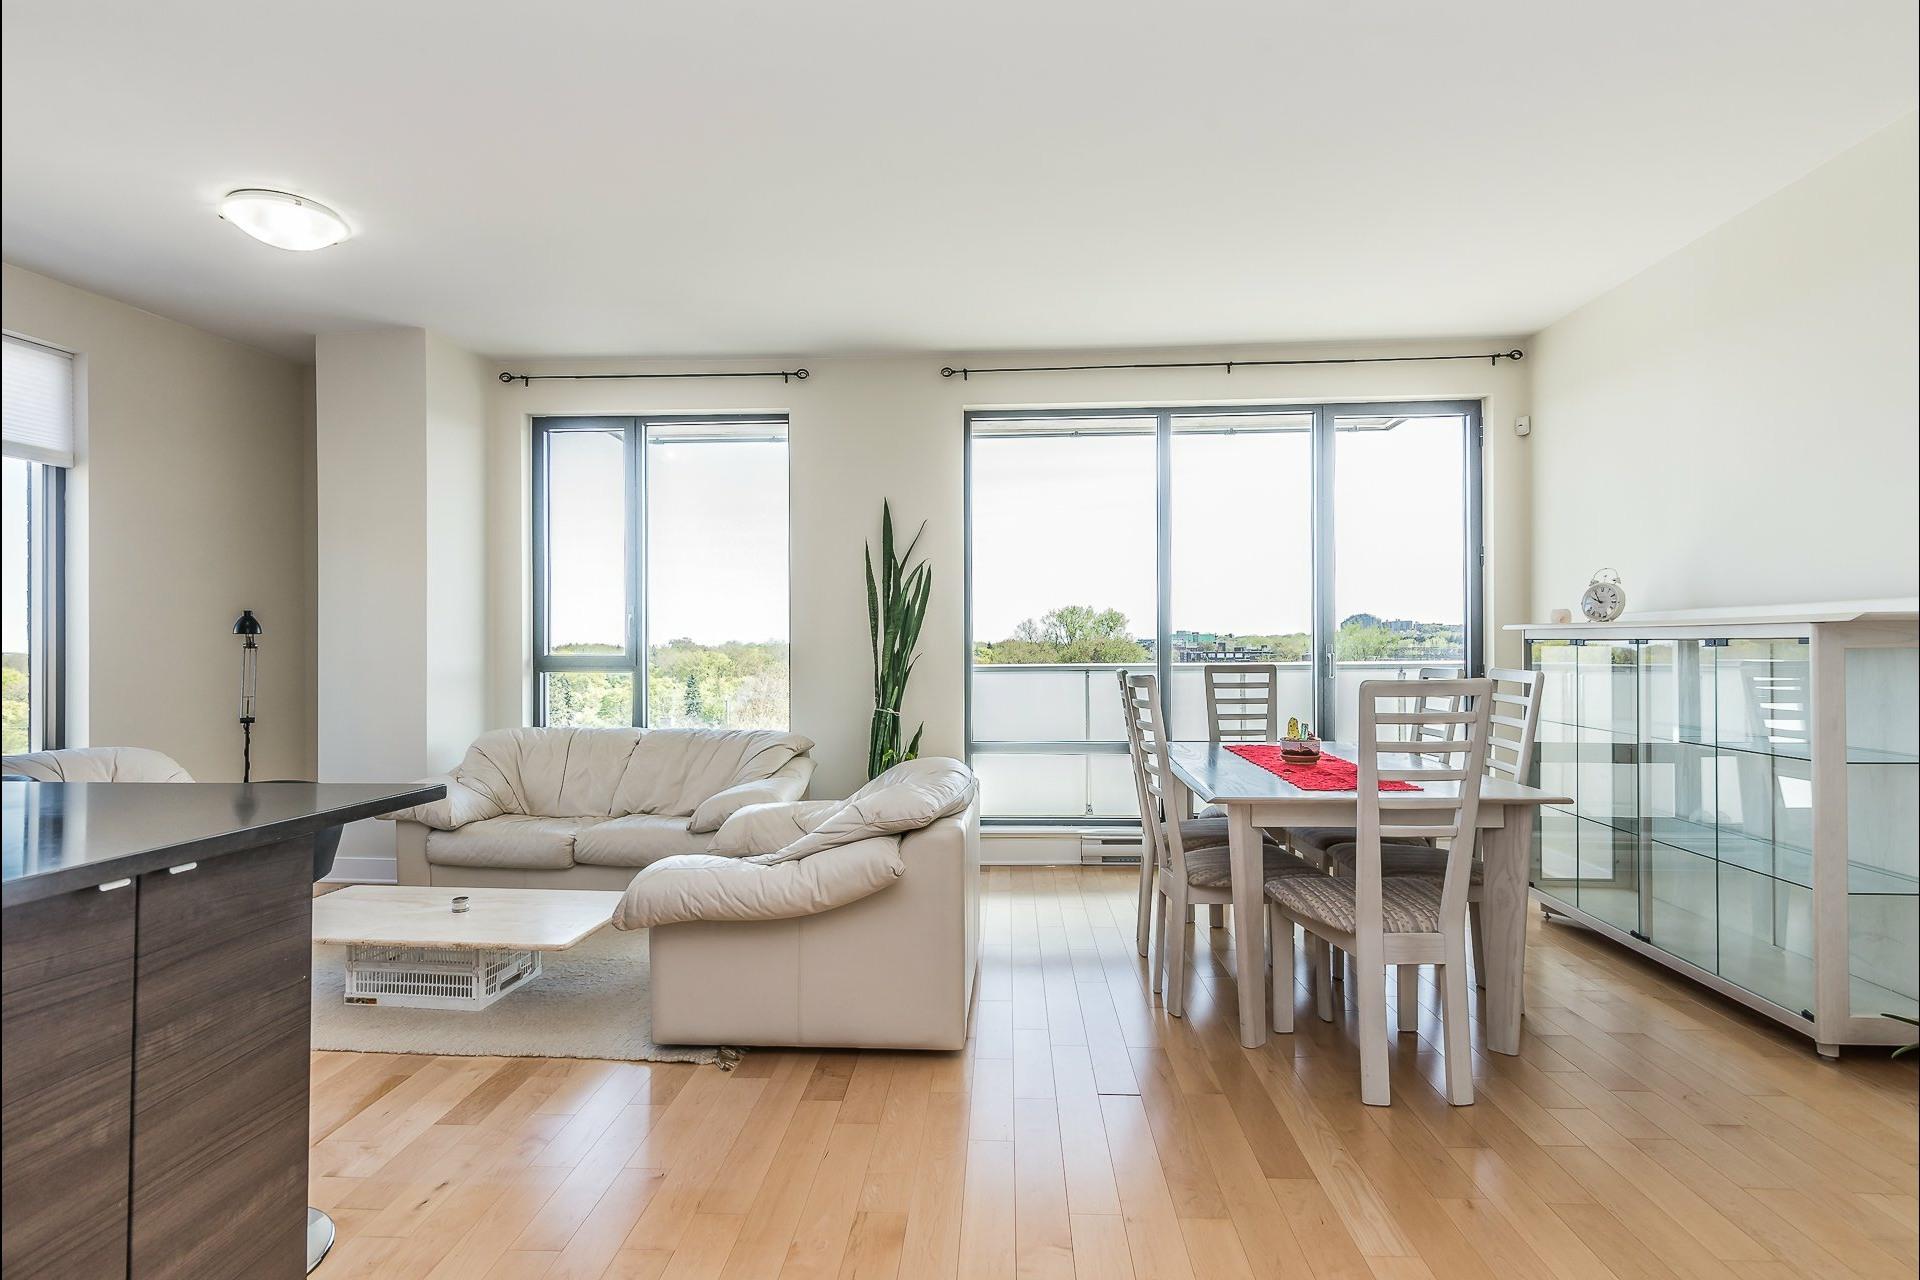 image 4 - Appartement À louer Montréal Côte-des-Neiges/Notre-Dame-de-Grâce  - 5 pièces